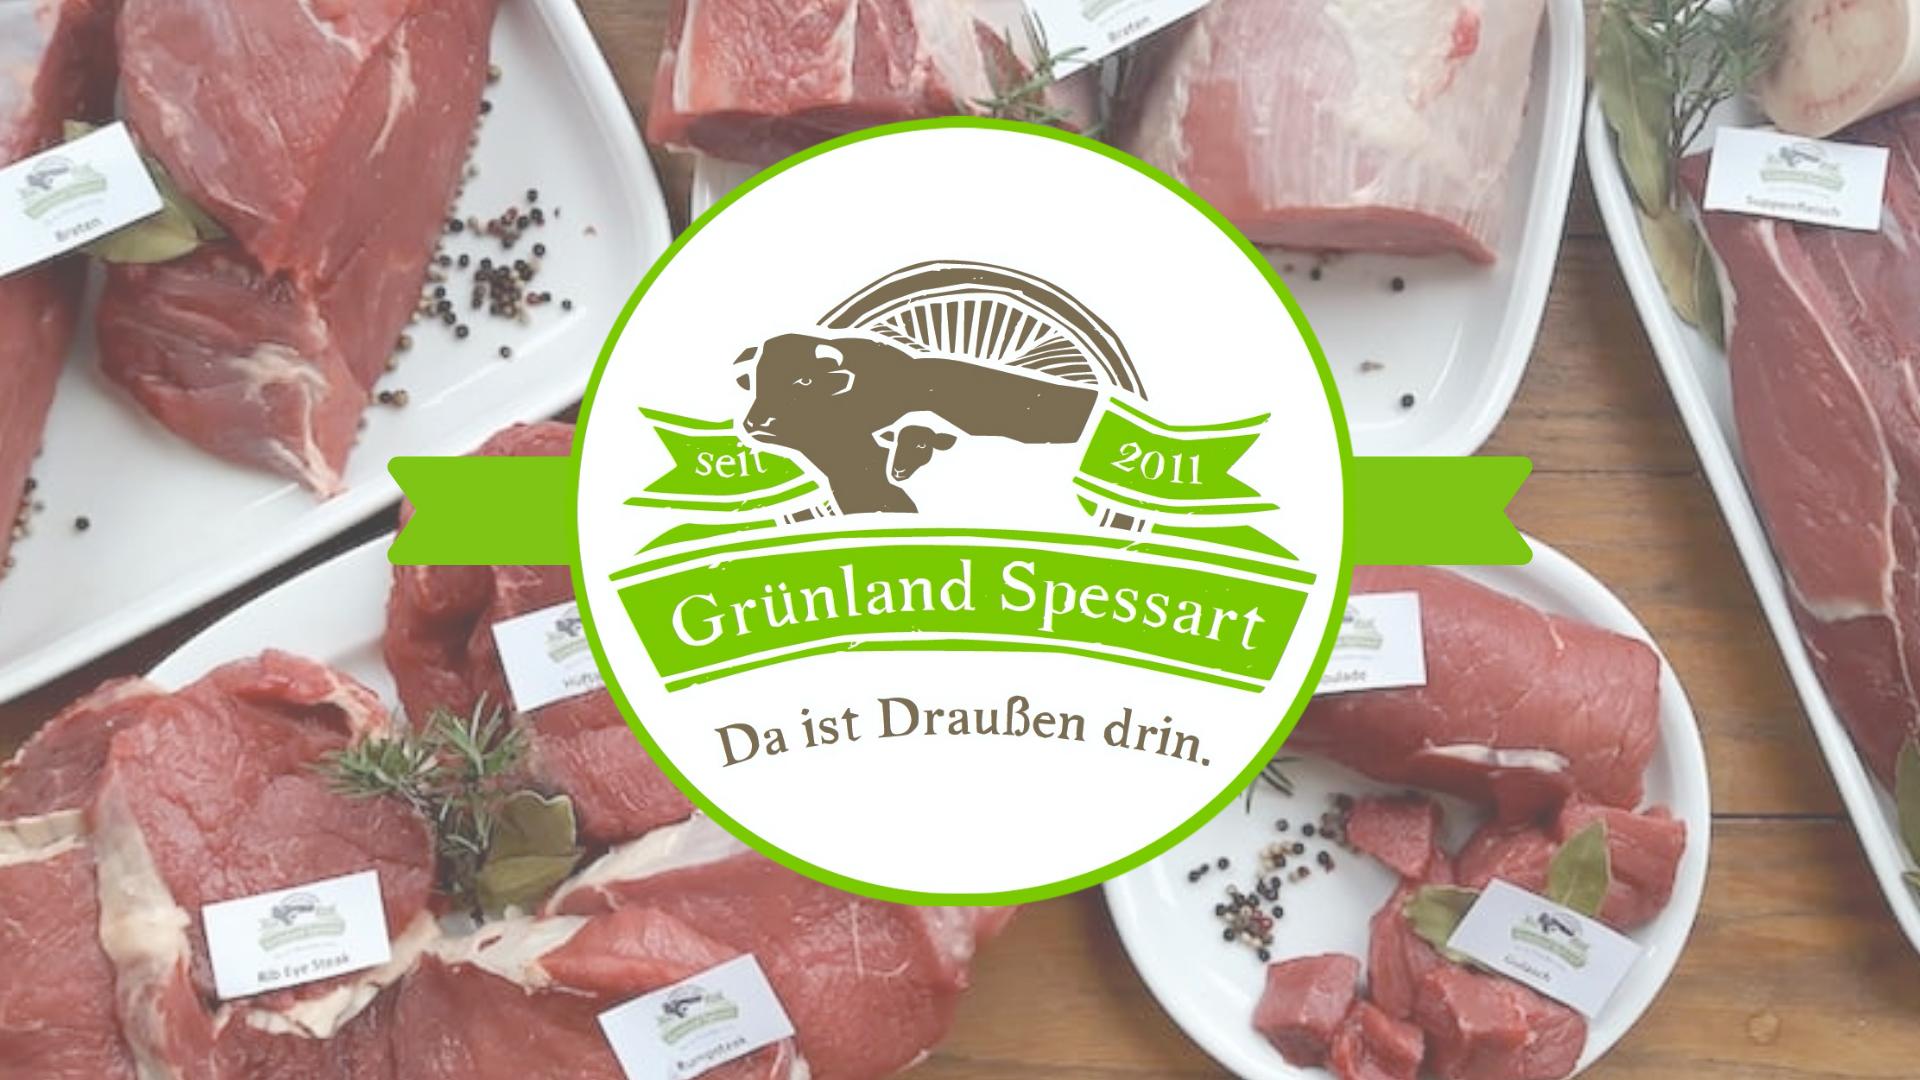 Verschiedene rohe Fleischstücke auf Tellern angerichtet darüber das Logo von Grünland Spessart.